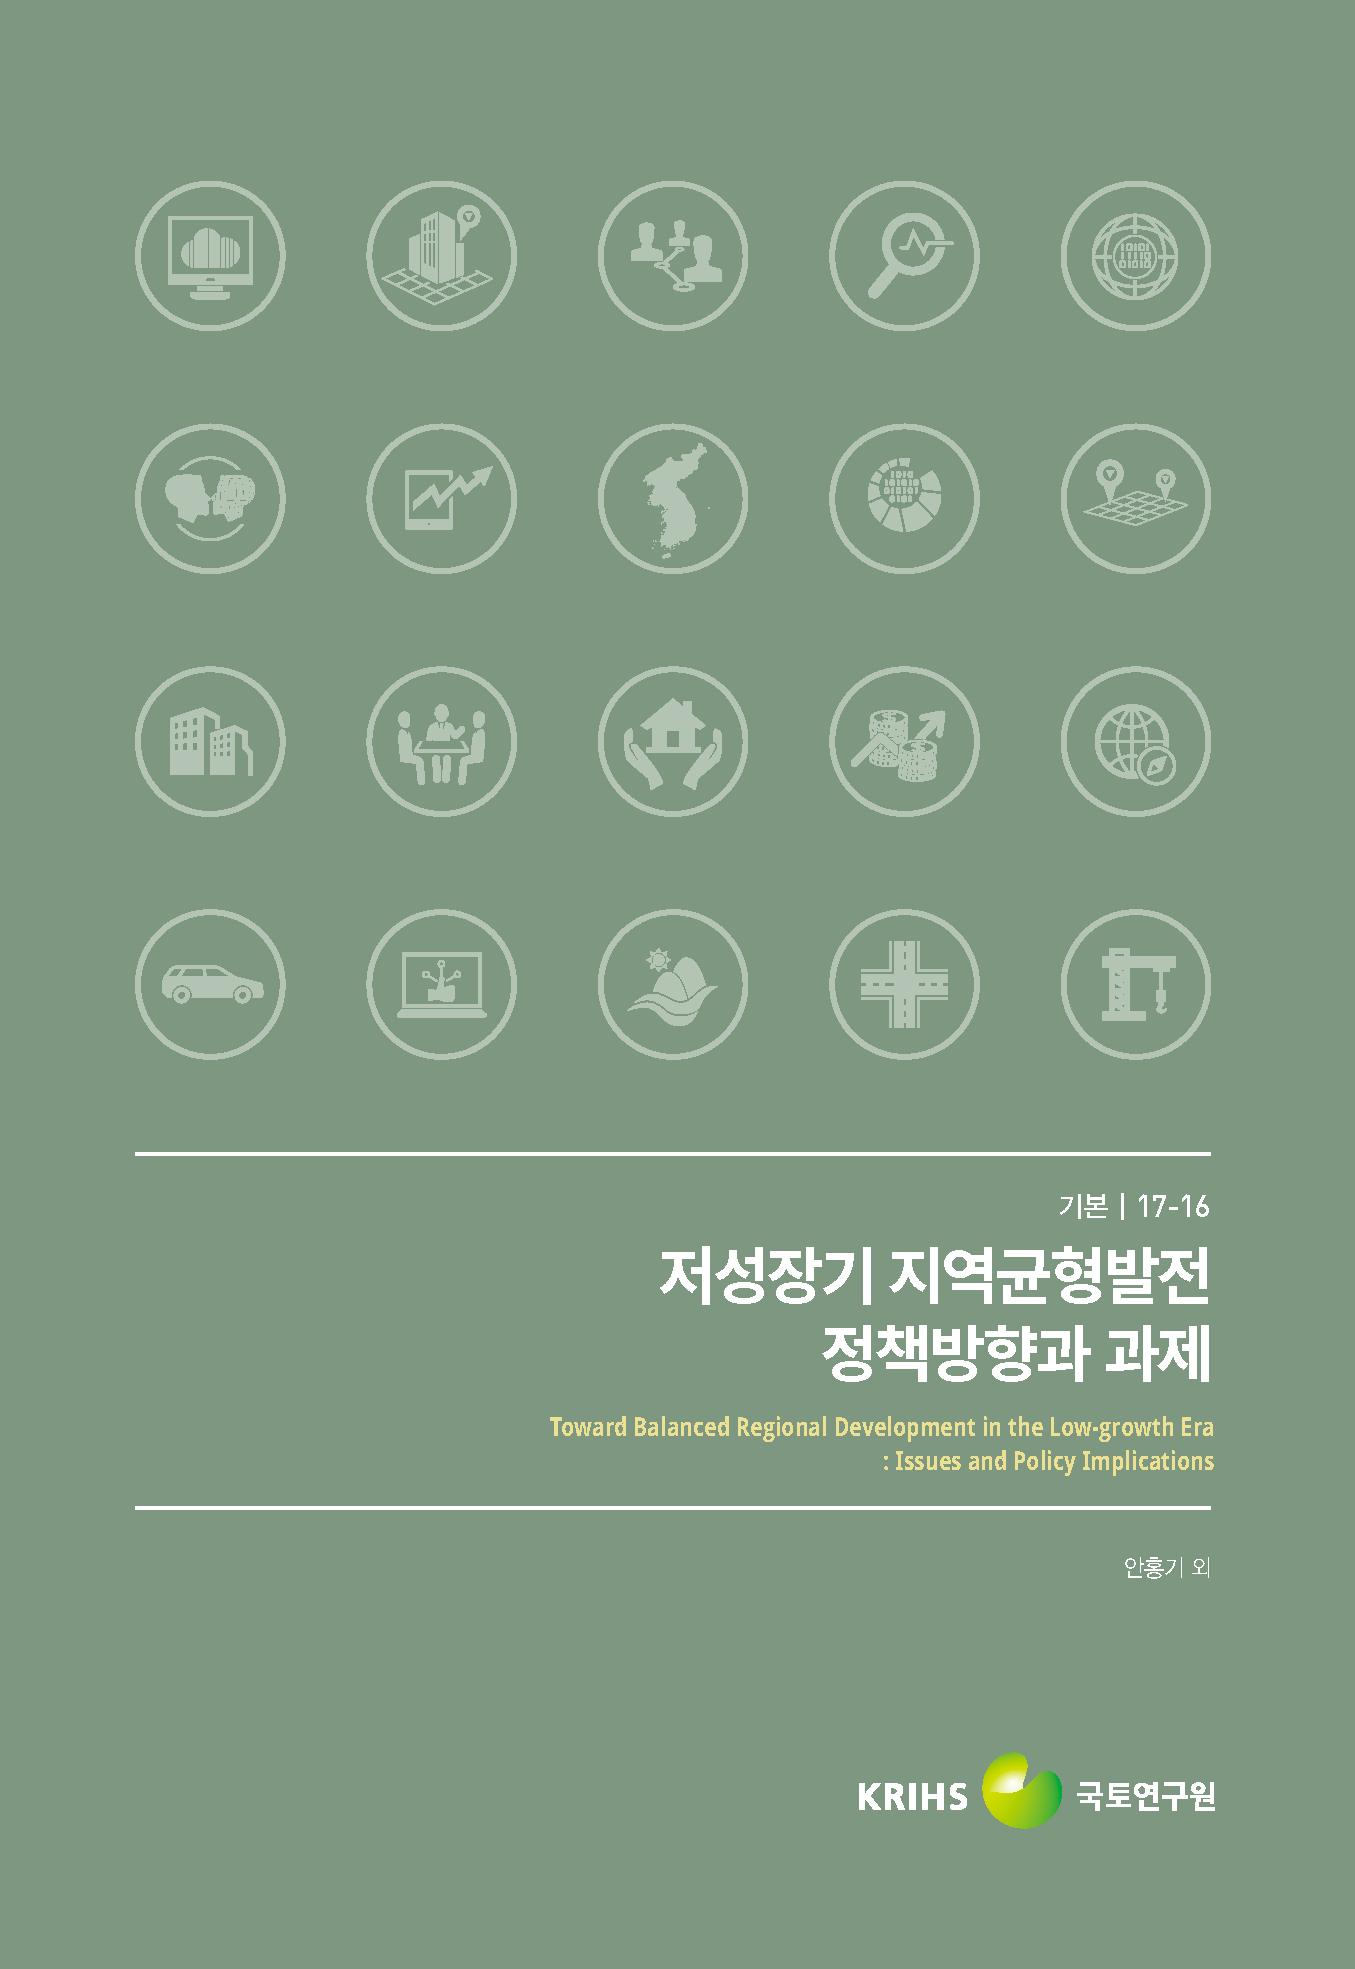 저성장기 지역균형발전 정책방향과 과제표지